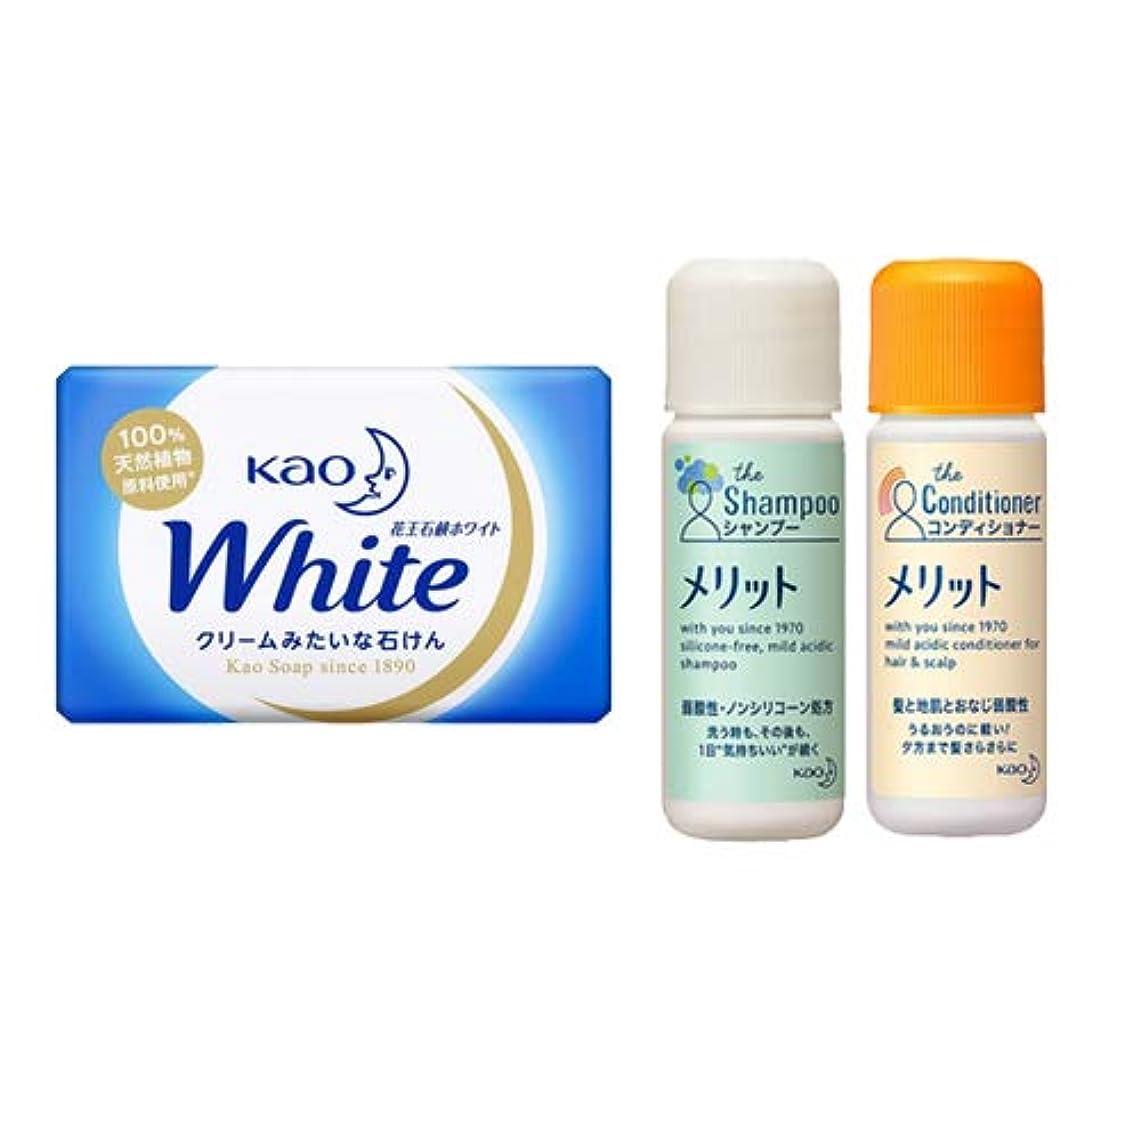 提唱するアーサーピザ花王(KAO) 石鹸ホワイト(Kao Soap White) 15g + メリットシャンプー 16ml + リンス 16ml セット